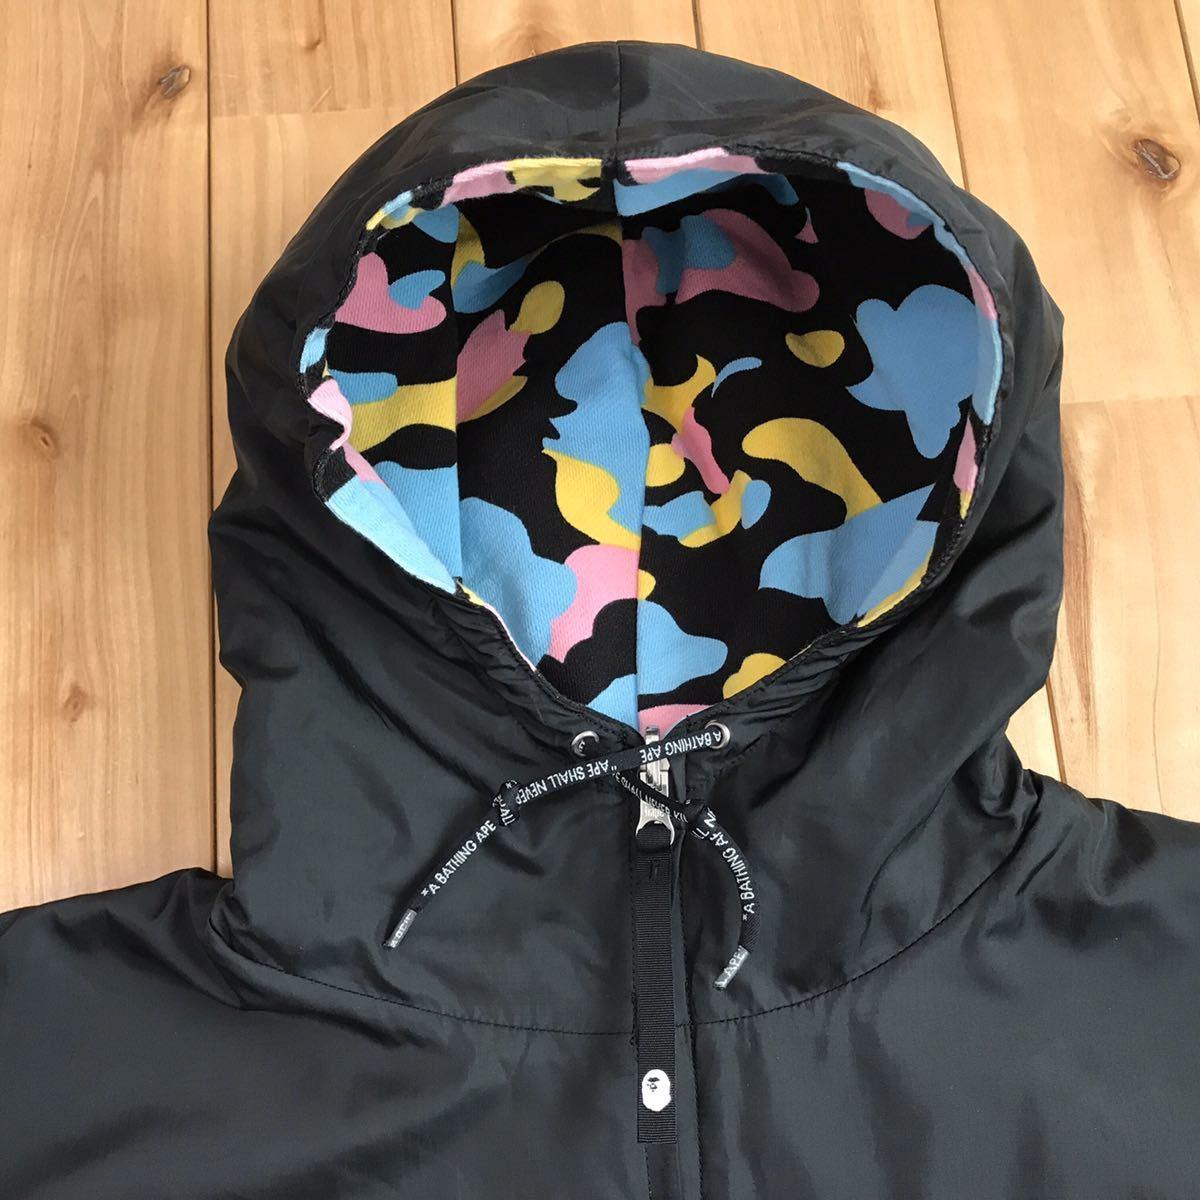 ★リバーシブル★ マルチカモ パーカー Lサイズ a bathing ape BAPE hoodie cotton candy camo multi jacket エイプ ベイプ ブルゾン 1109